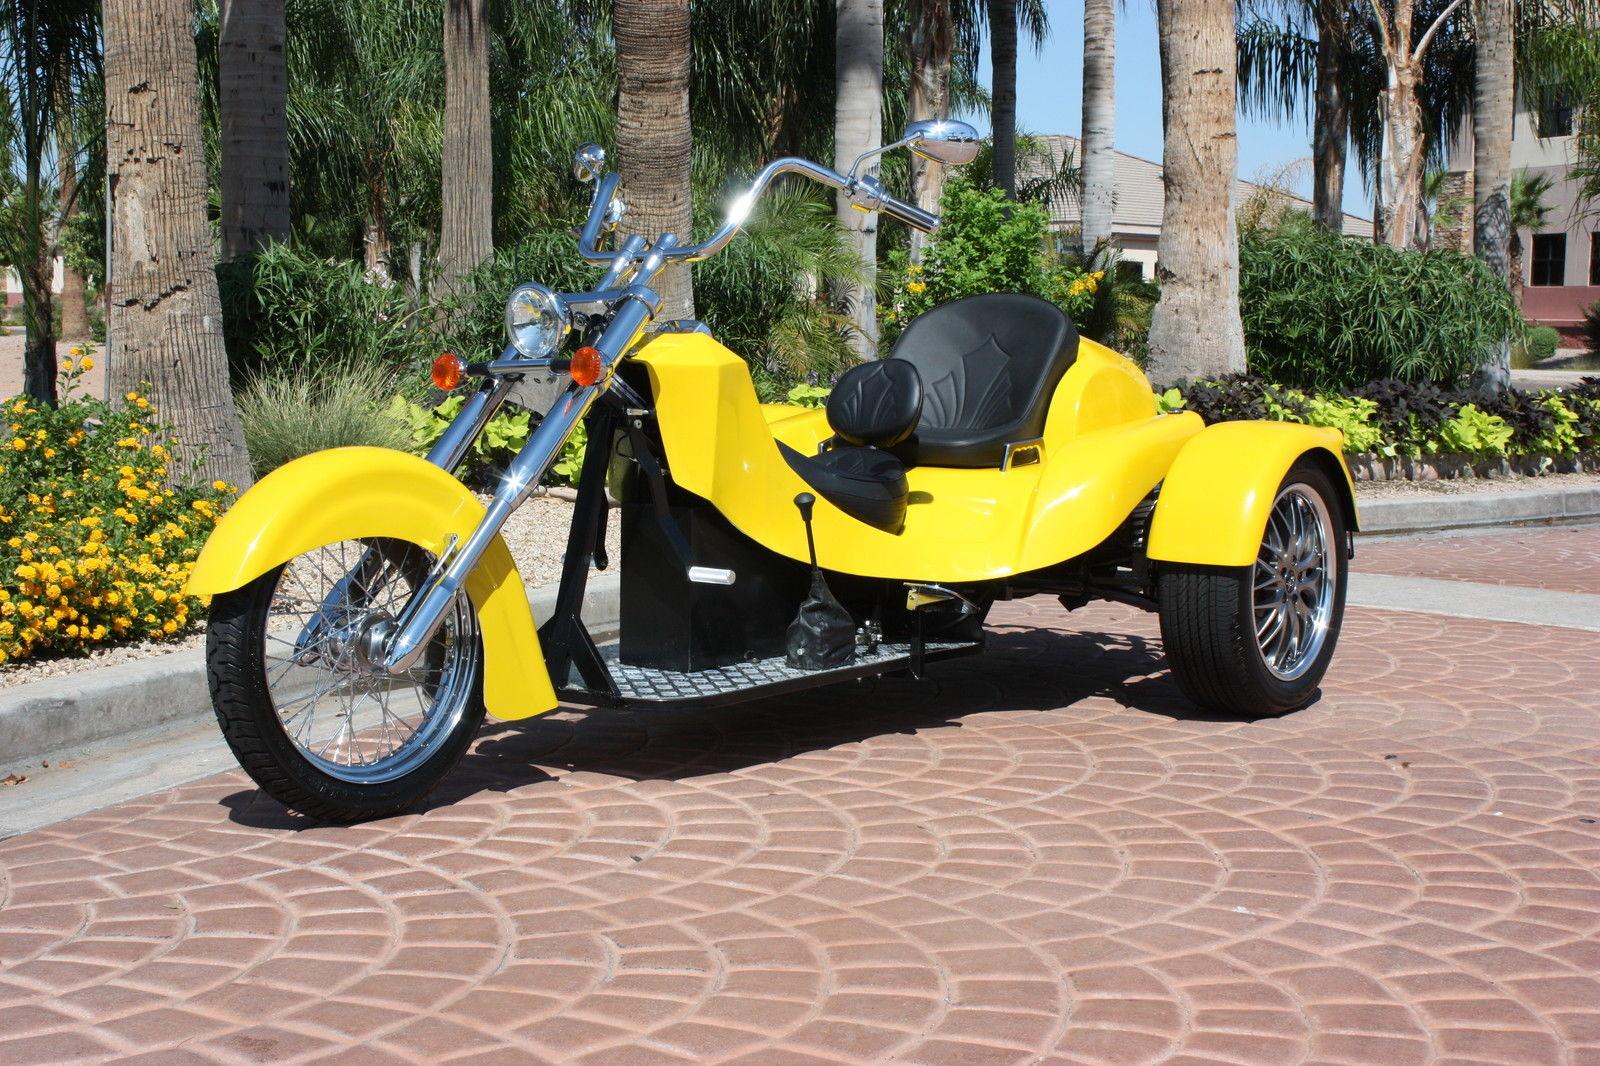 trike trikes vw motorcycle custom california motorcycles chopper built scat volkswagen building moto vehicles